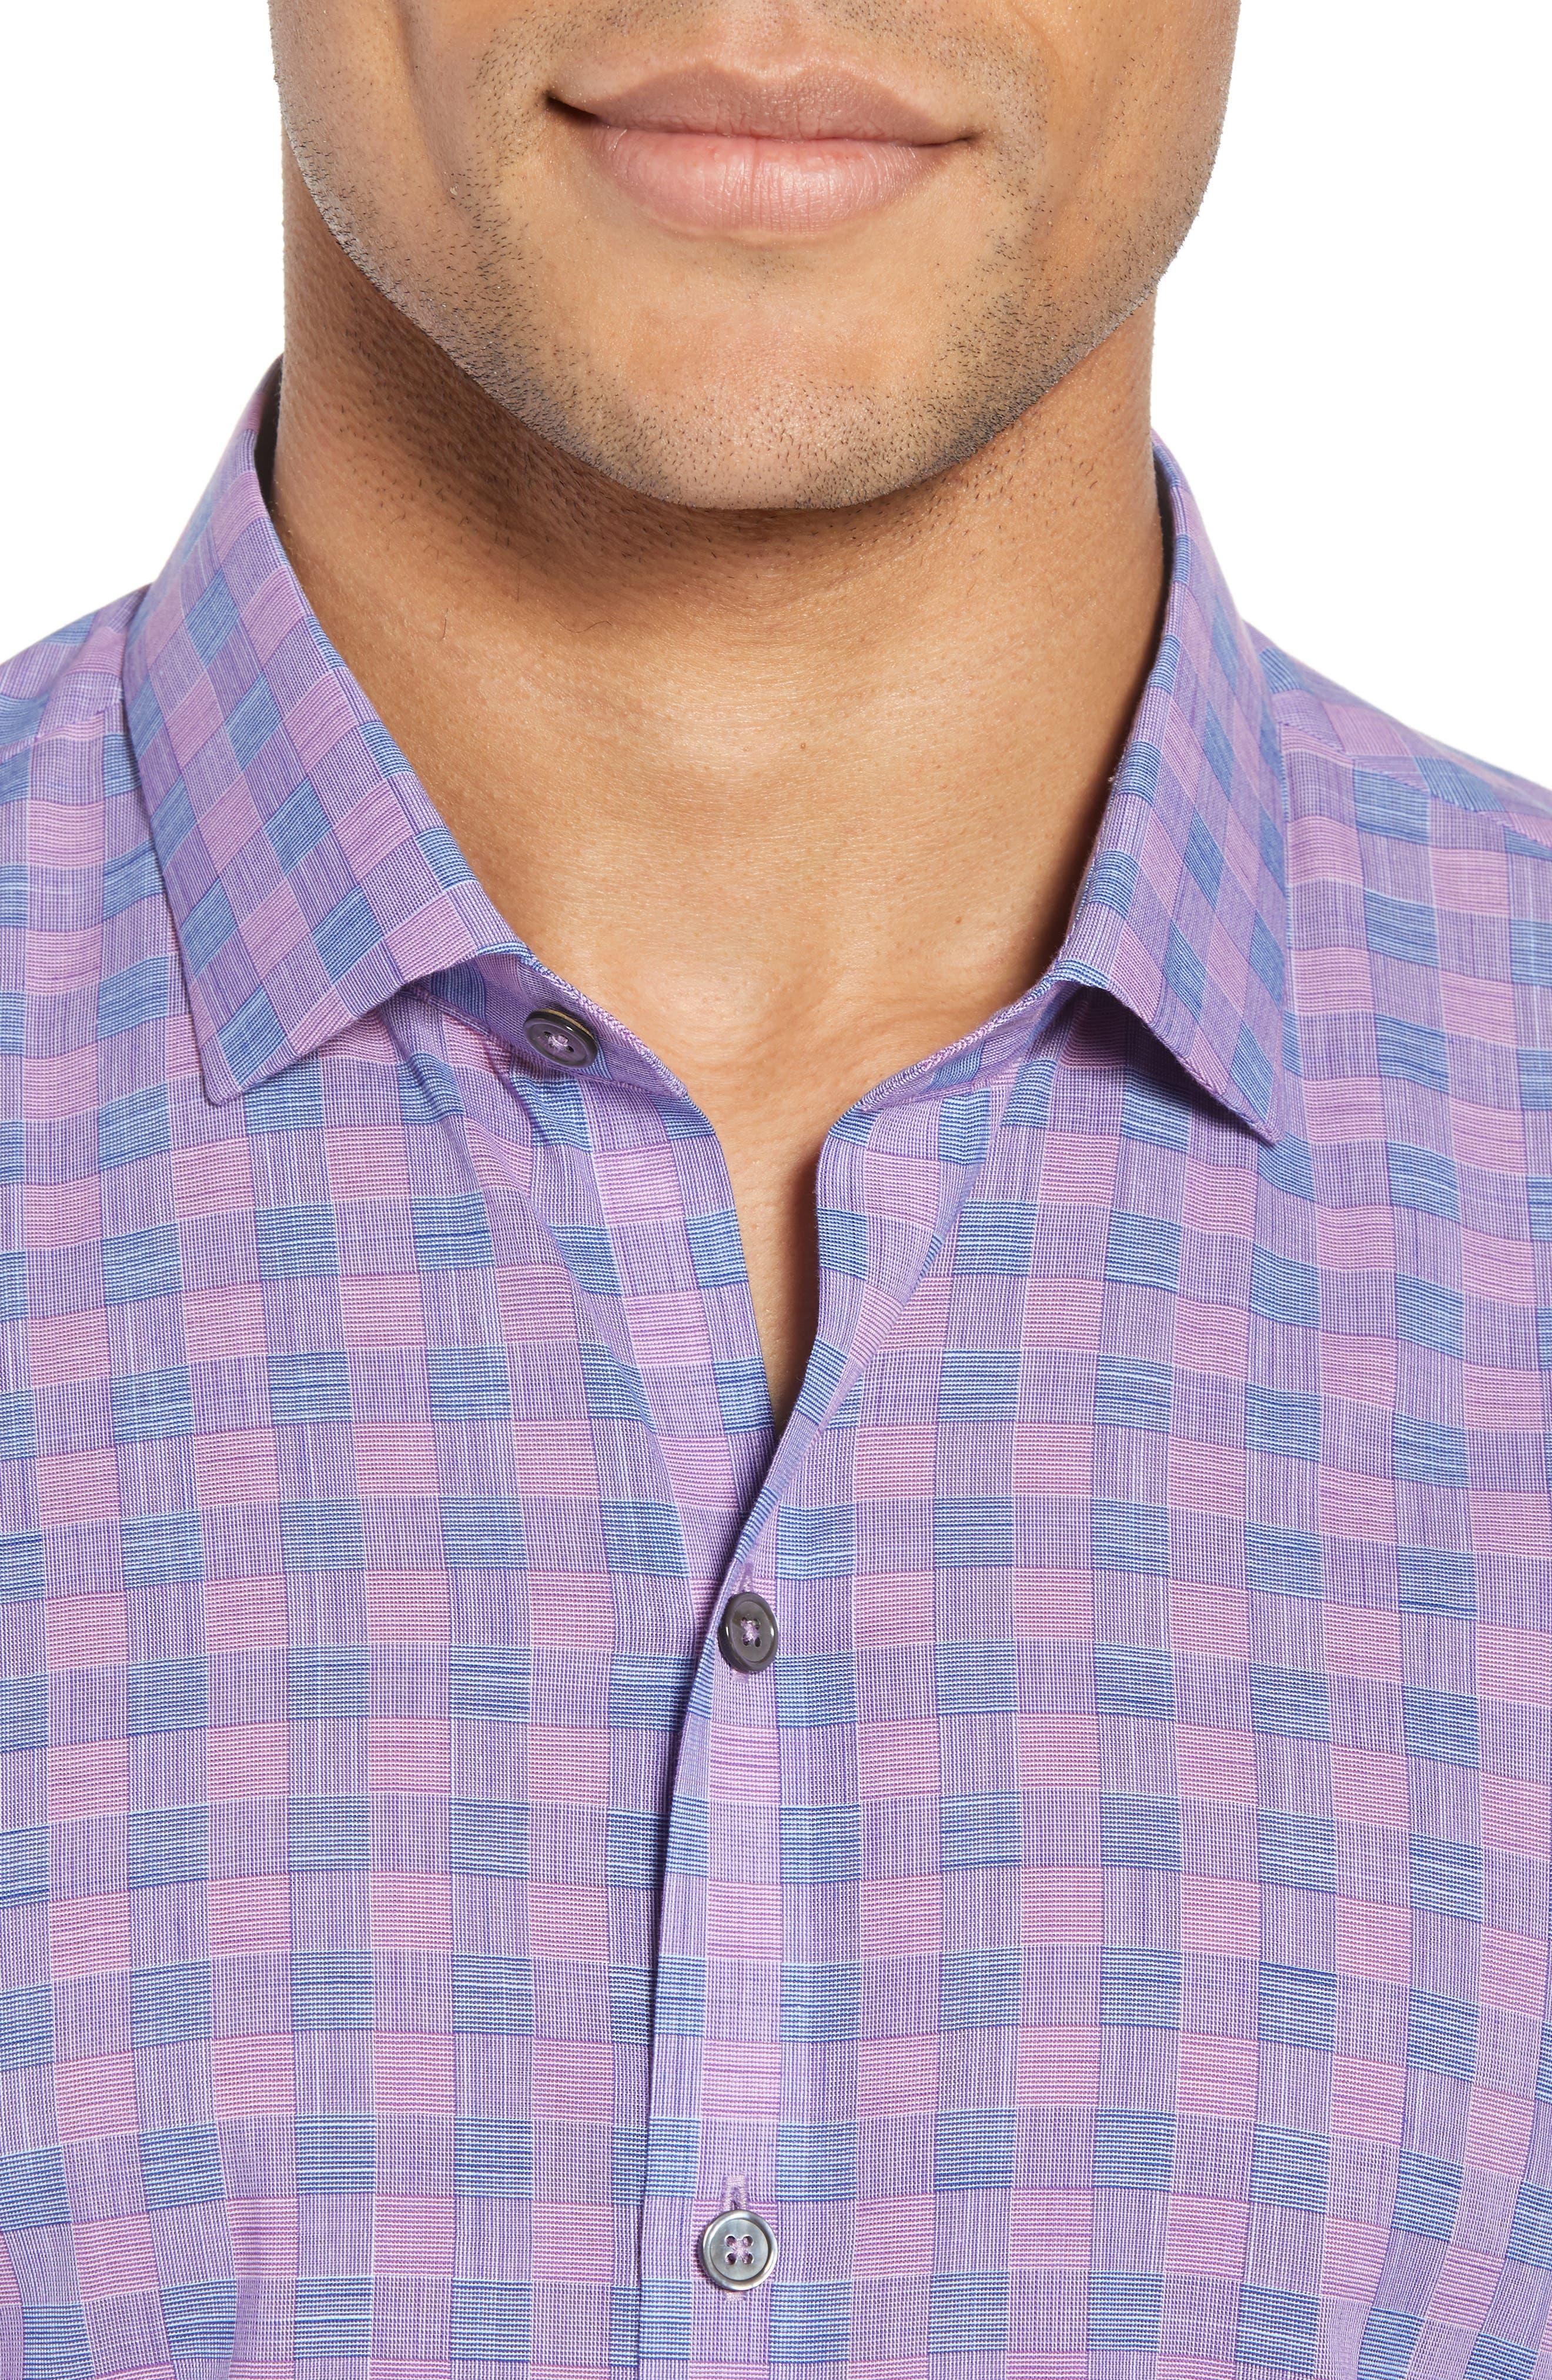 Schwantes Plaid Sport Shirt,                             Alternate thumbnail 2, color,                             Purple